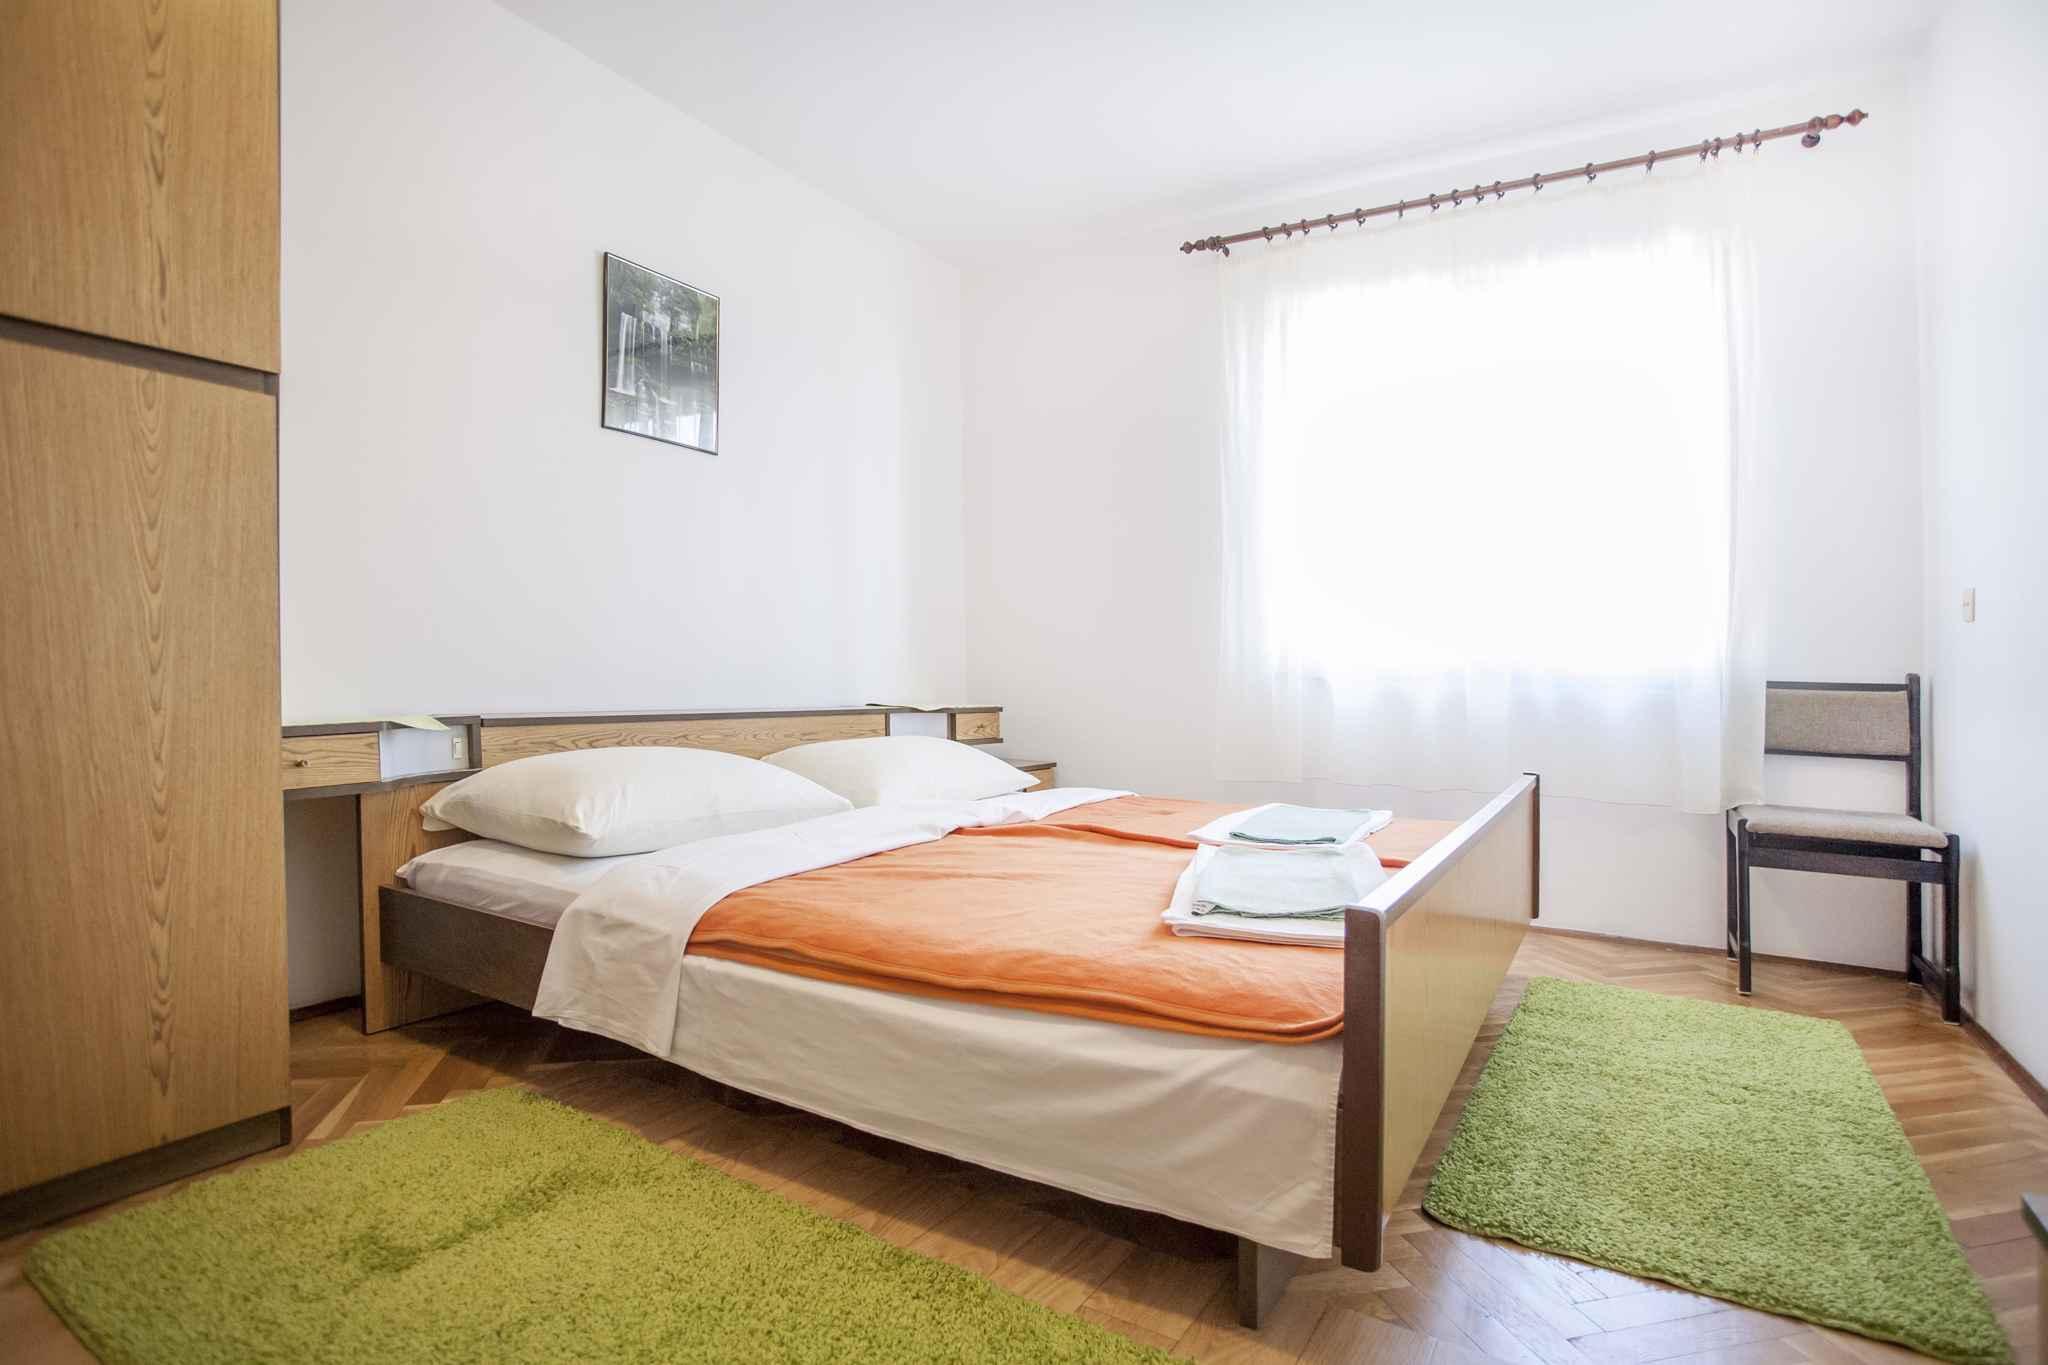 Ferienwohnung u centru (280994), Rovinj, , Istrien, Kroatien, Bild 19